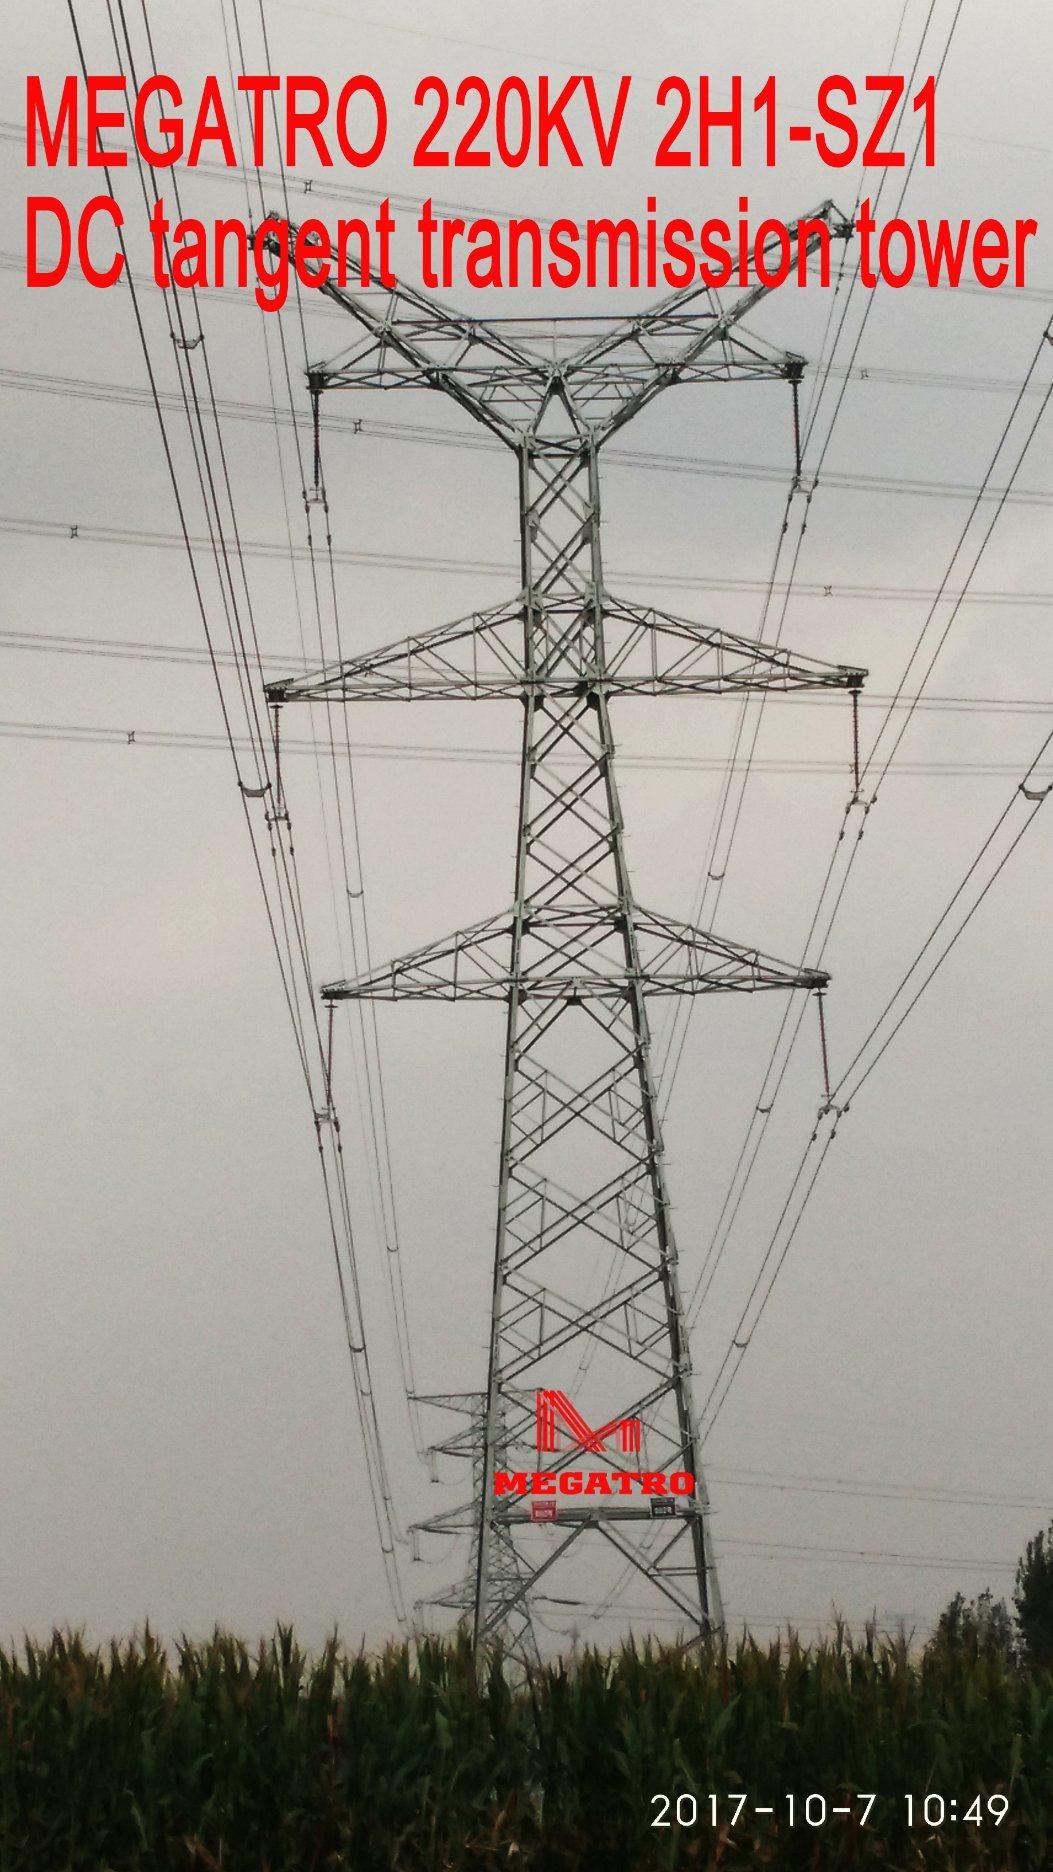 Megatro 220kv 2h1-Sz1 DC Tangent Transmission Tower